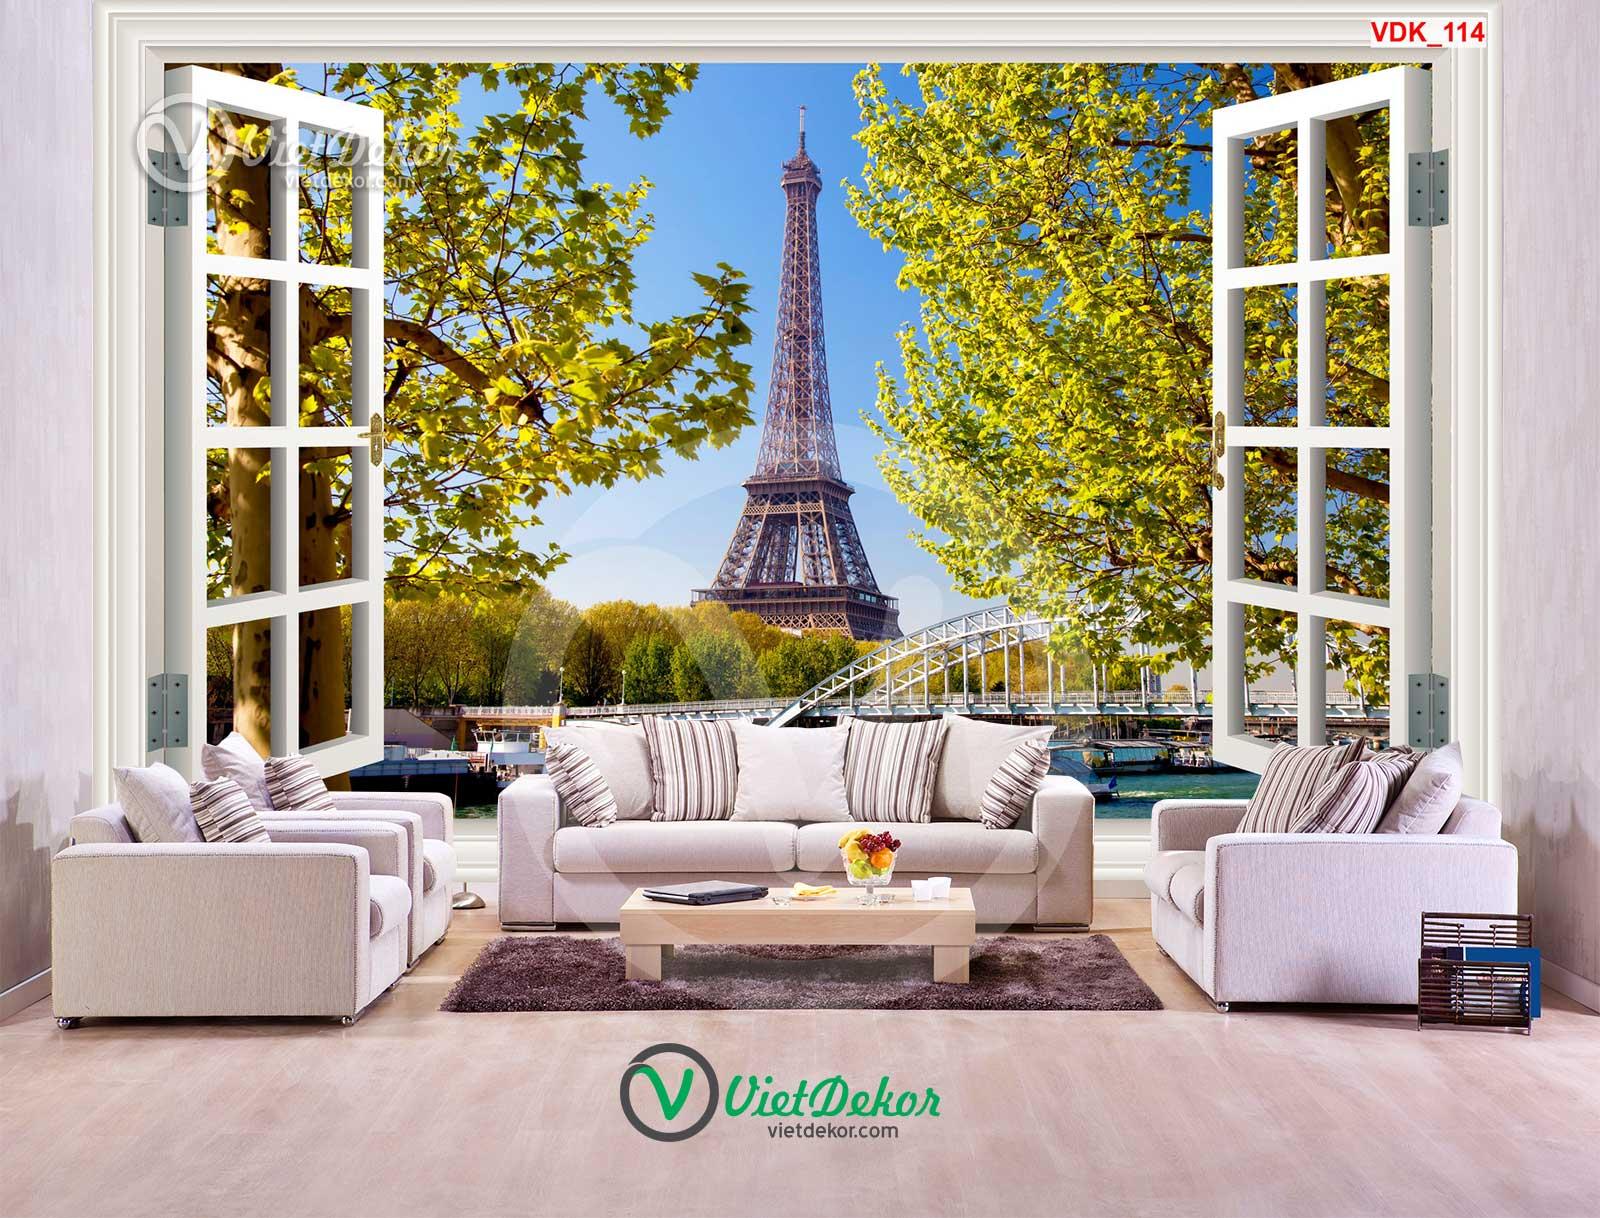 Tranh dán tường 3d cửa sổ cho phòng  khách đẹp